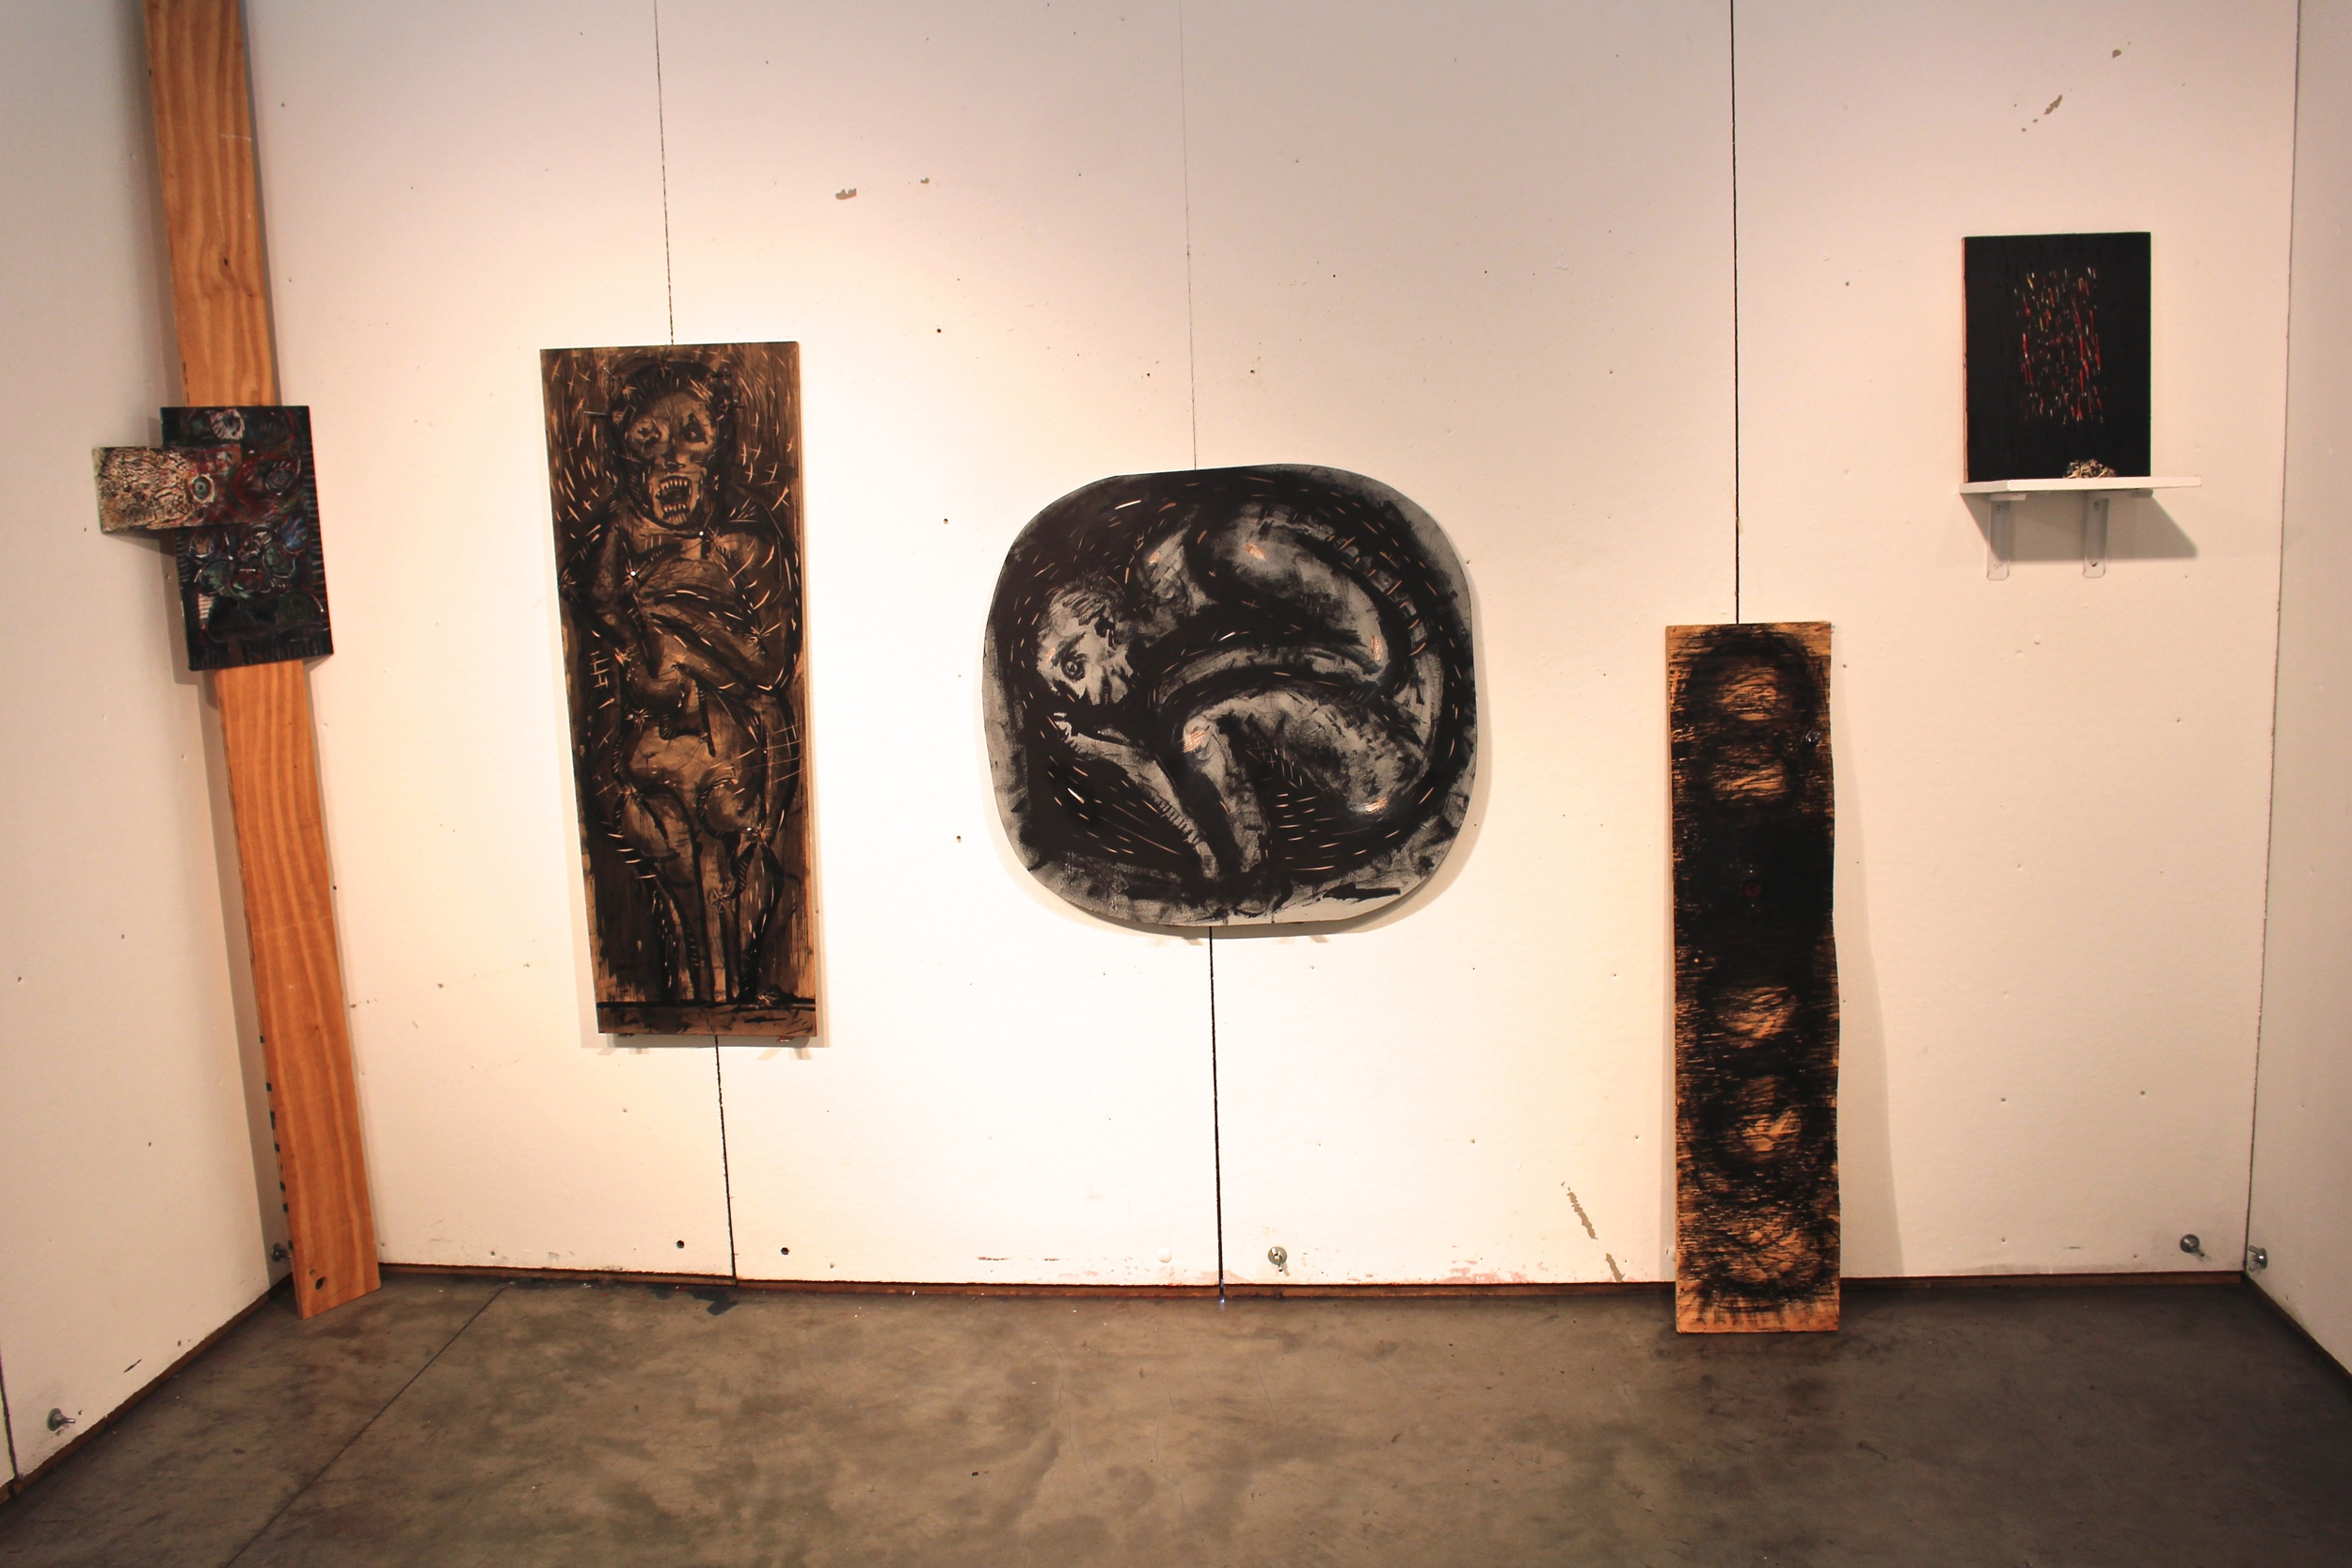 The artist's works exhibited in Heimbold